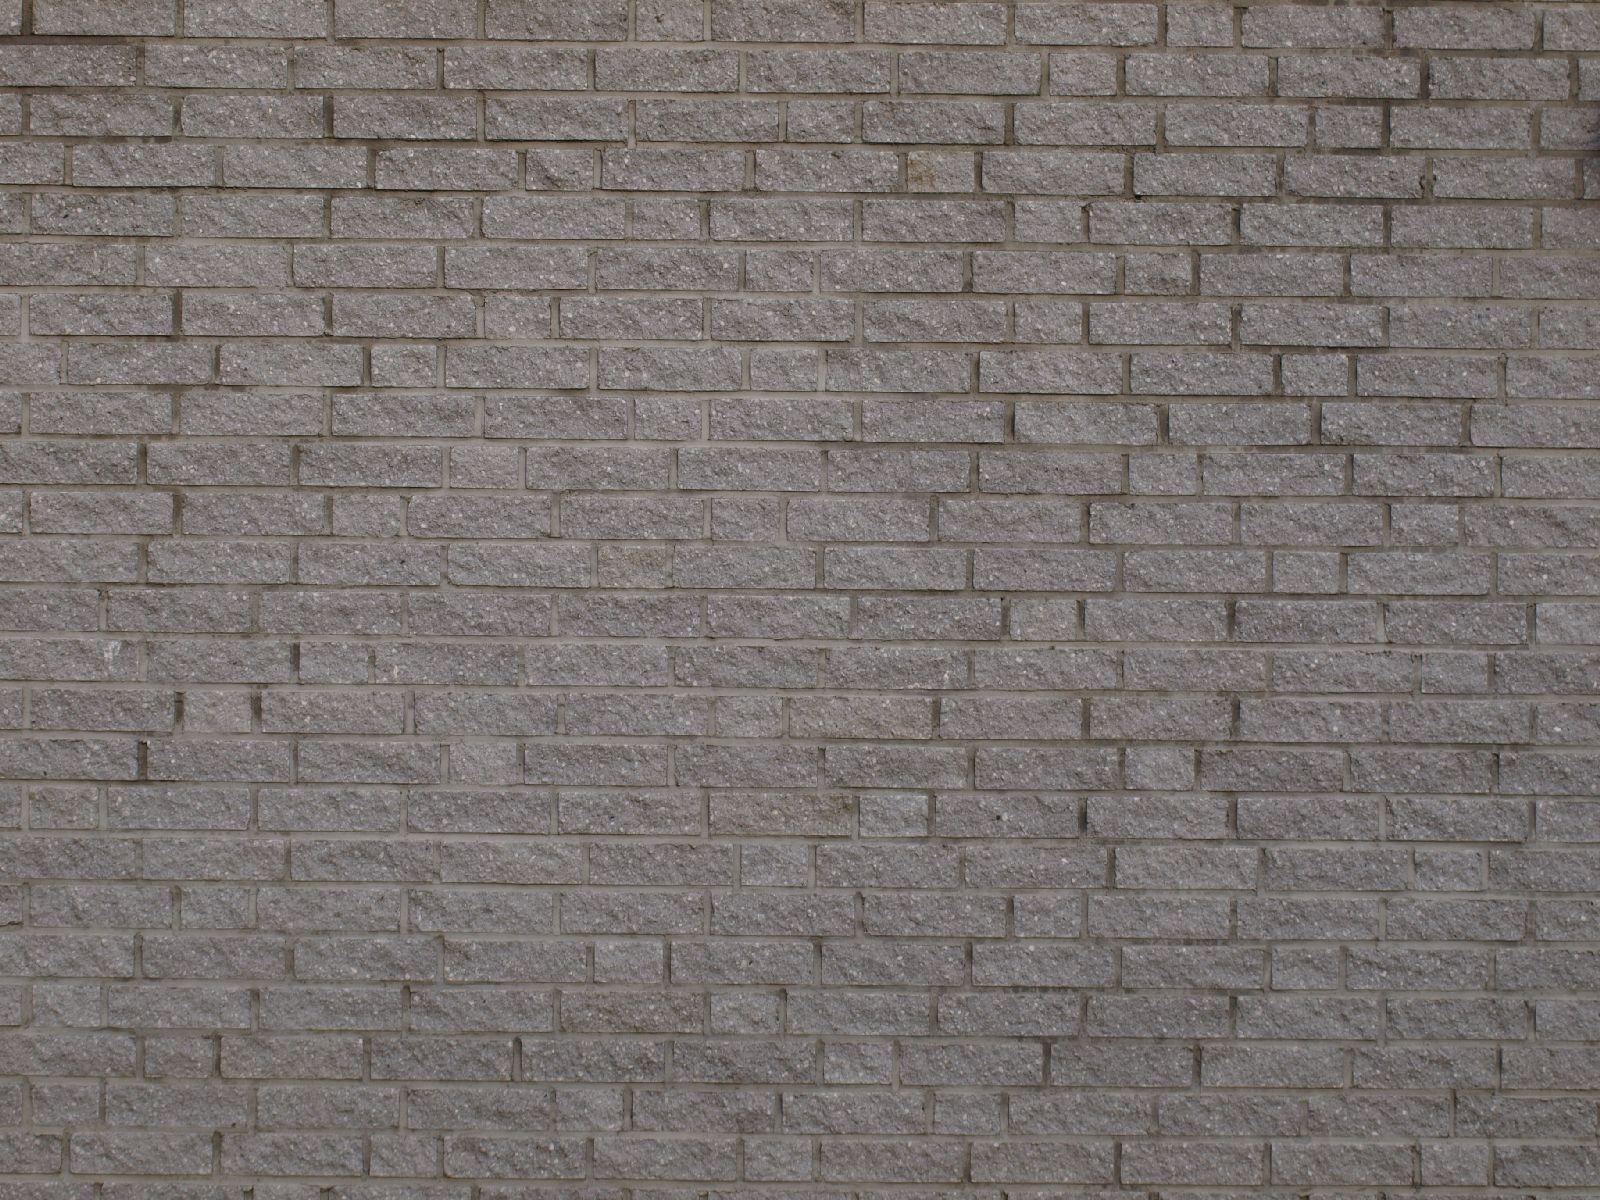 Wand-Mauerwerk-Backstein_Textur_A_PB261190